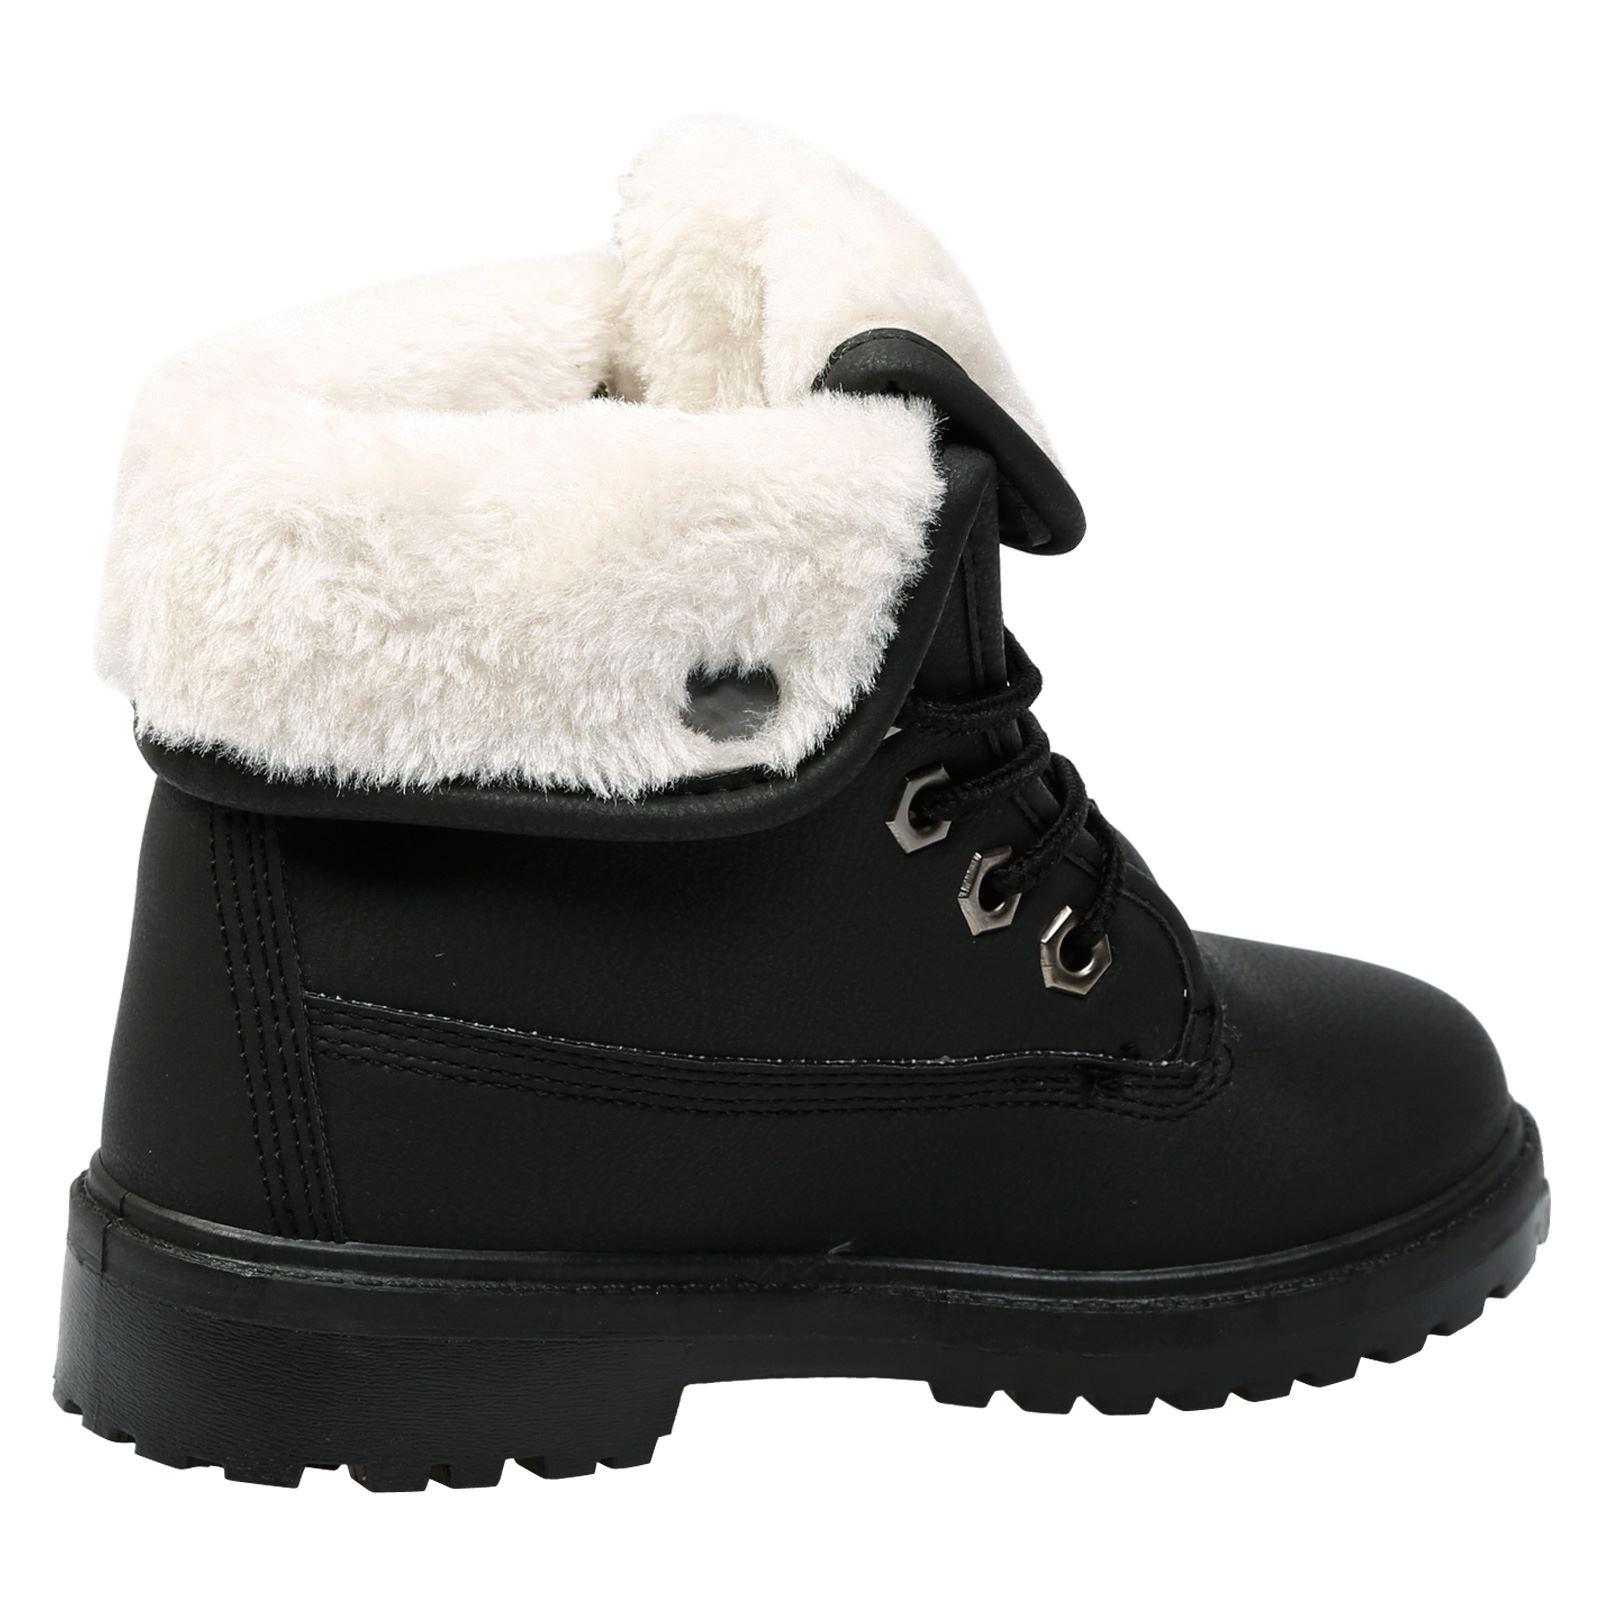 Nuevos Niños Niñas Botas al Tobillo Zapatos Con Cordones De Piel Forrada de Invierno para Niños Plana Informal